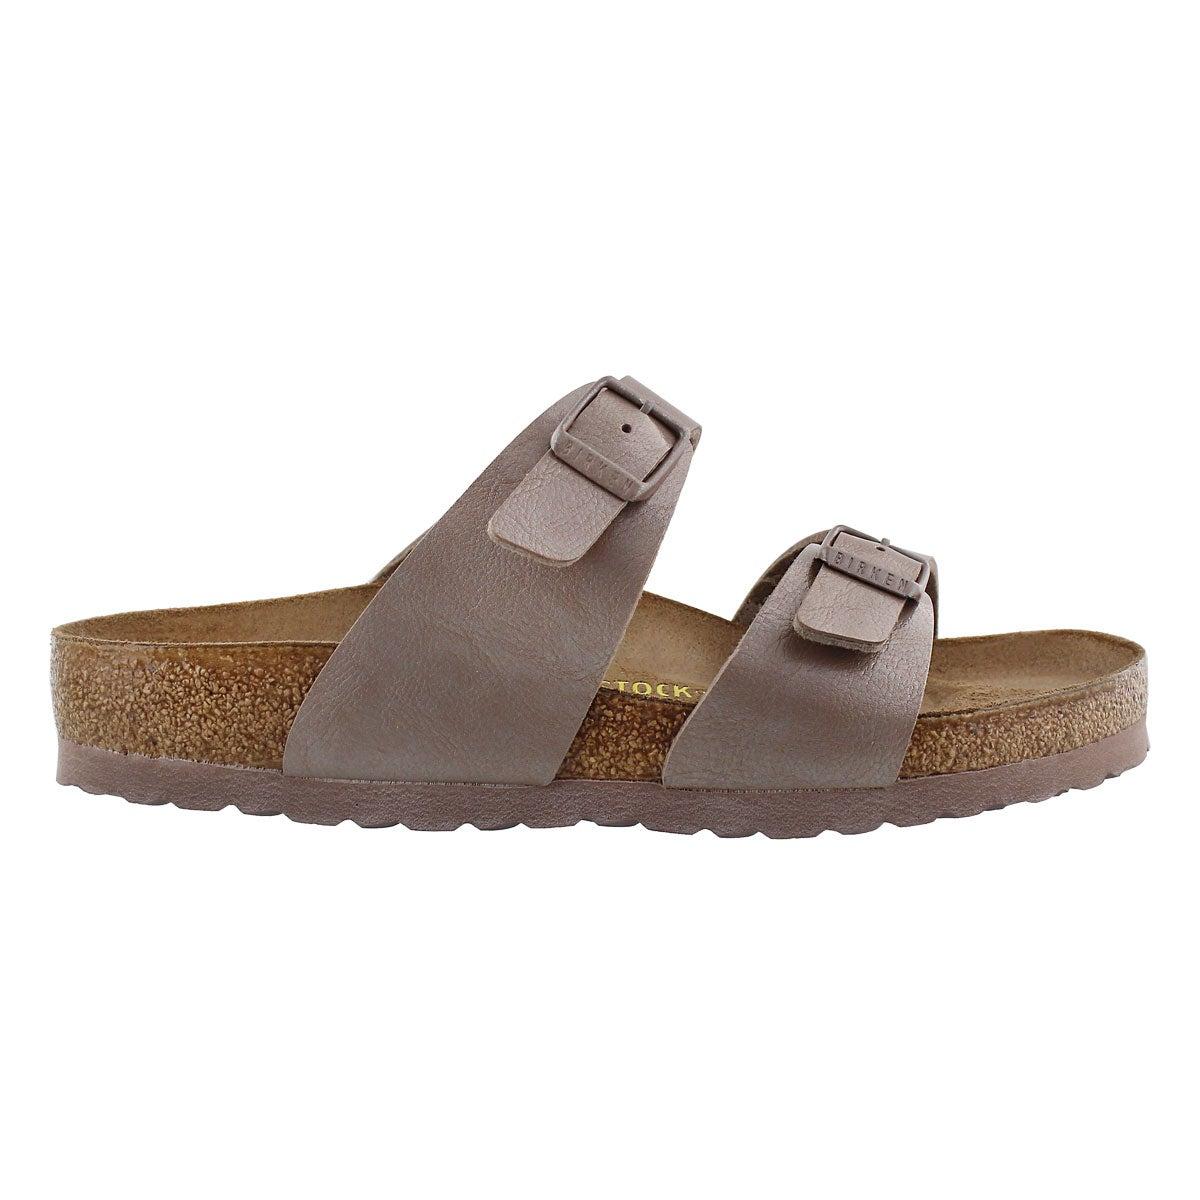 Lds Sydney hazel slide sandal